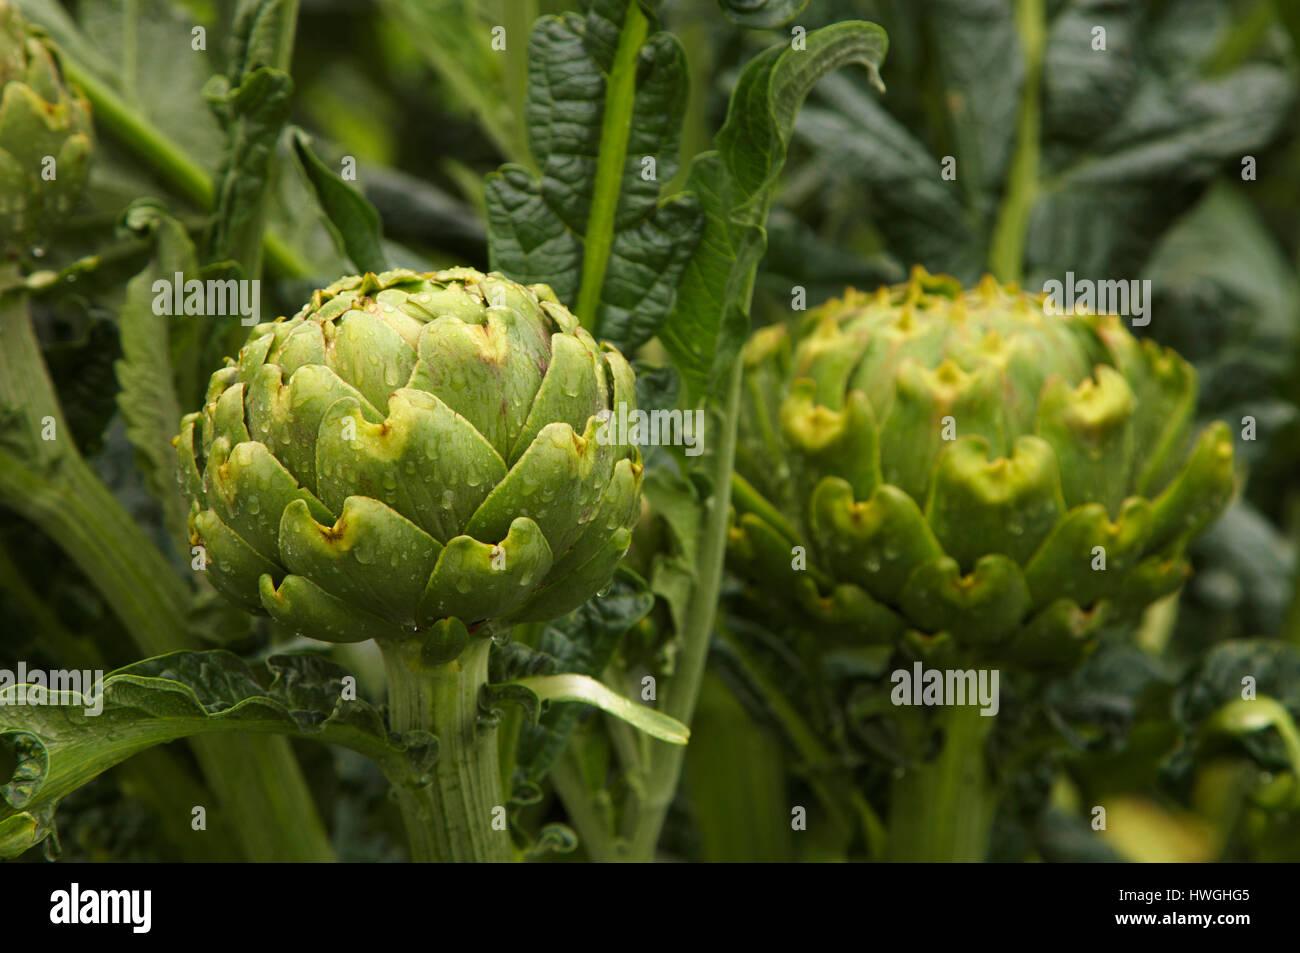 De plus en plus d'artichauts vert luisant dans légumes patch Cynara cardunculus Photo Stock